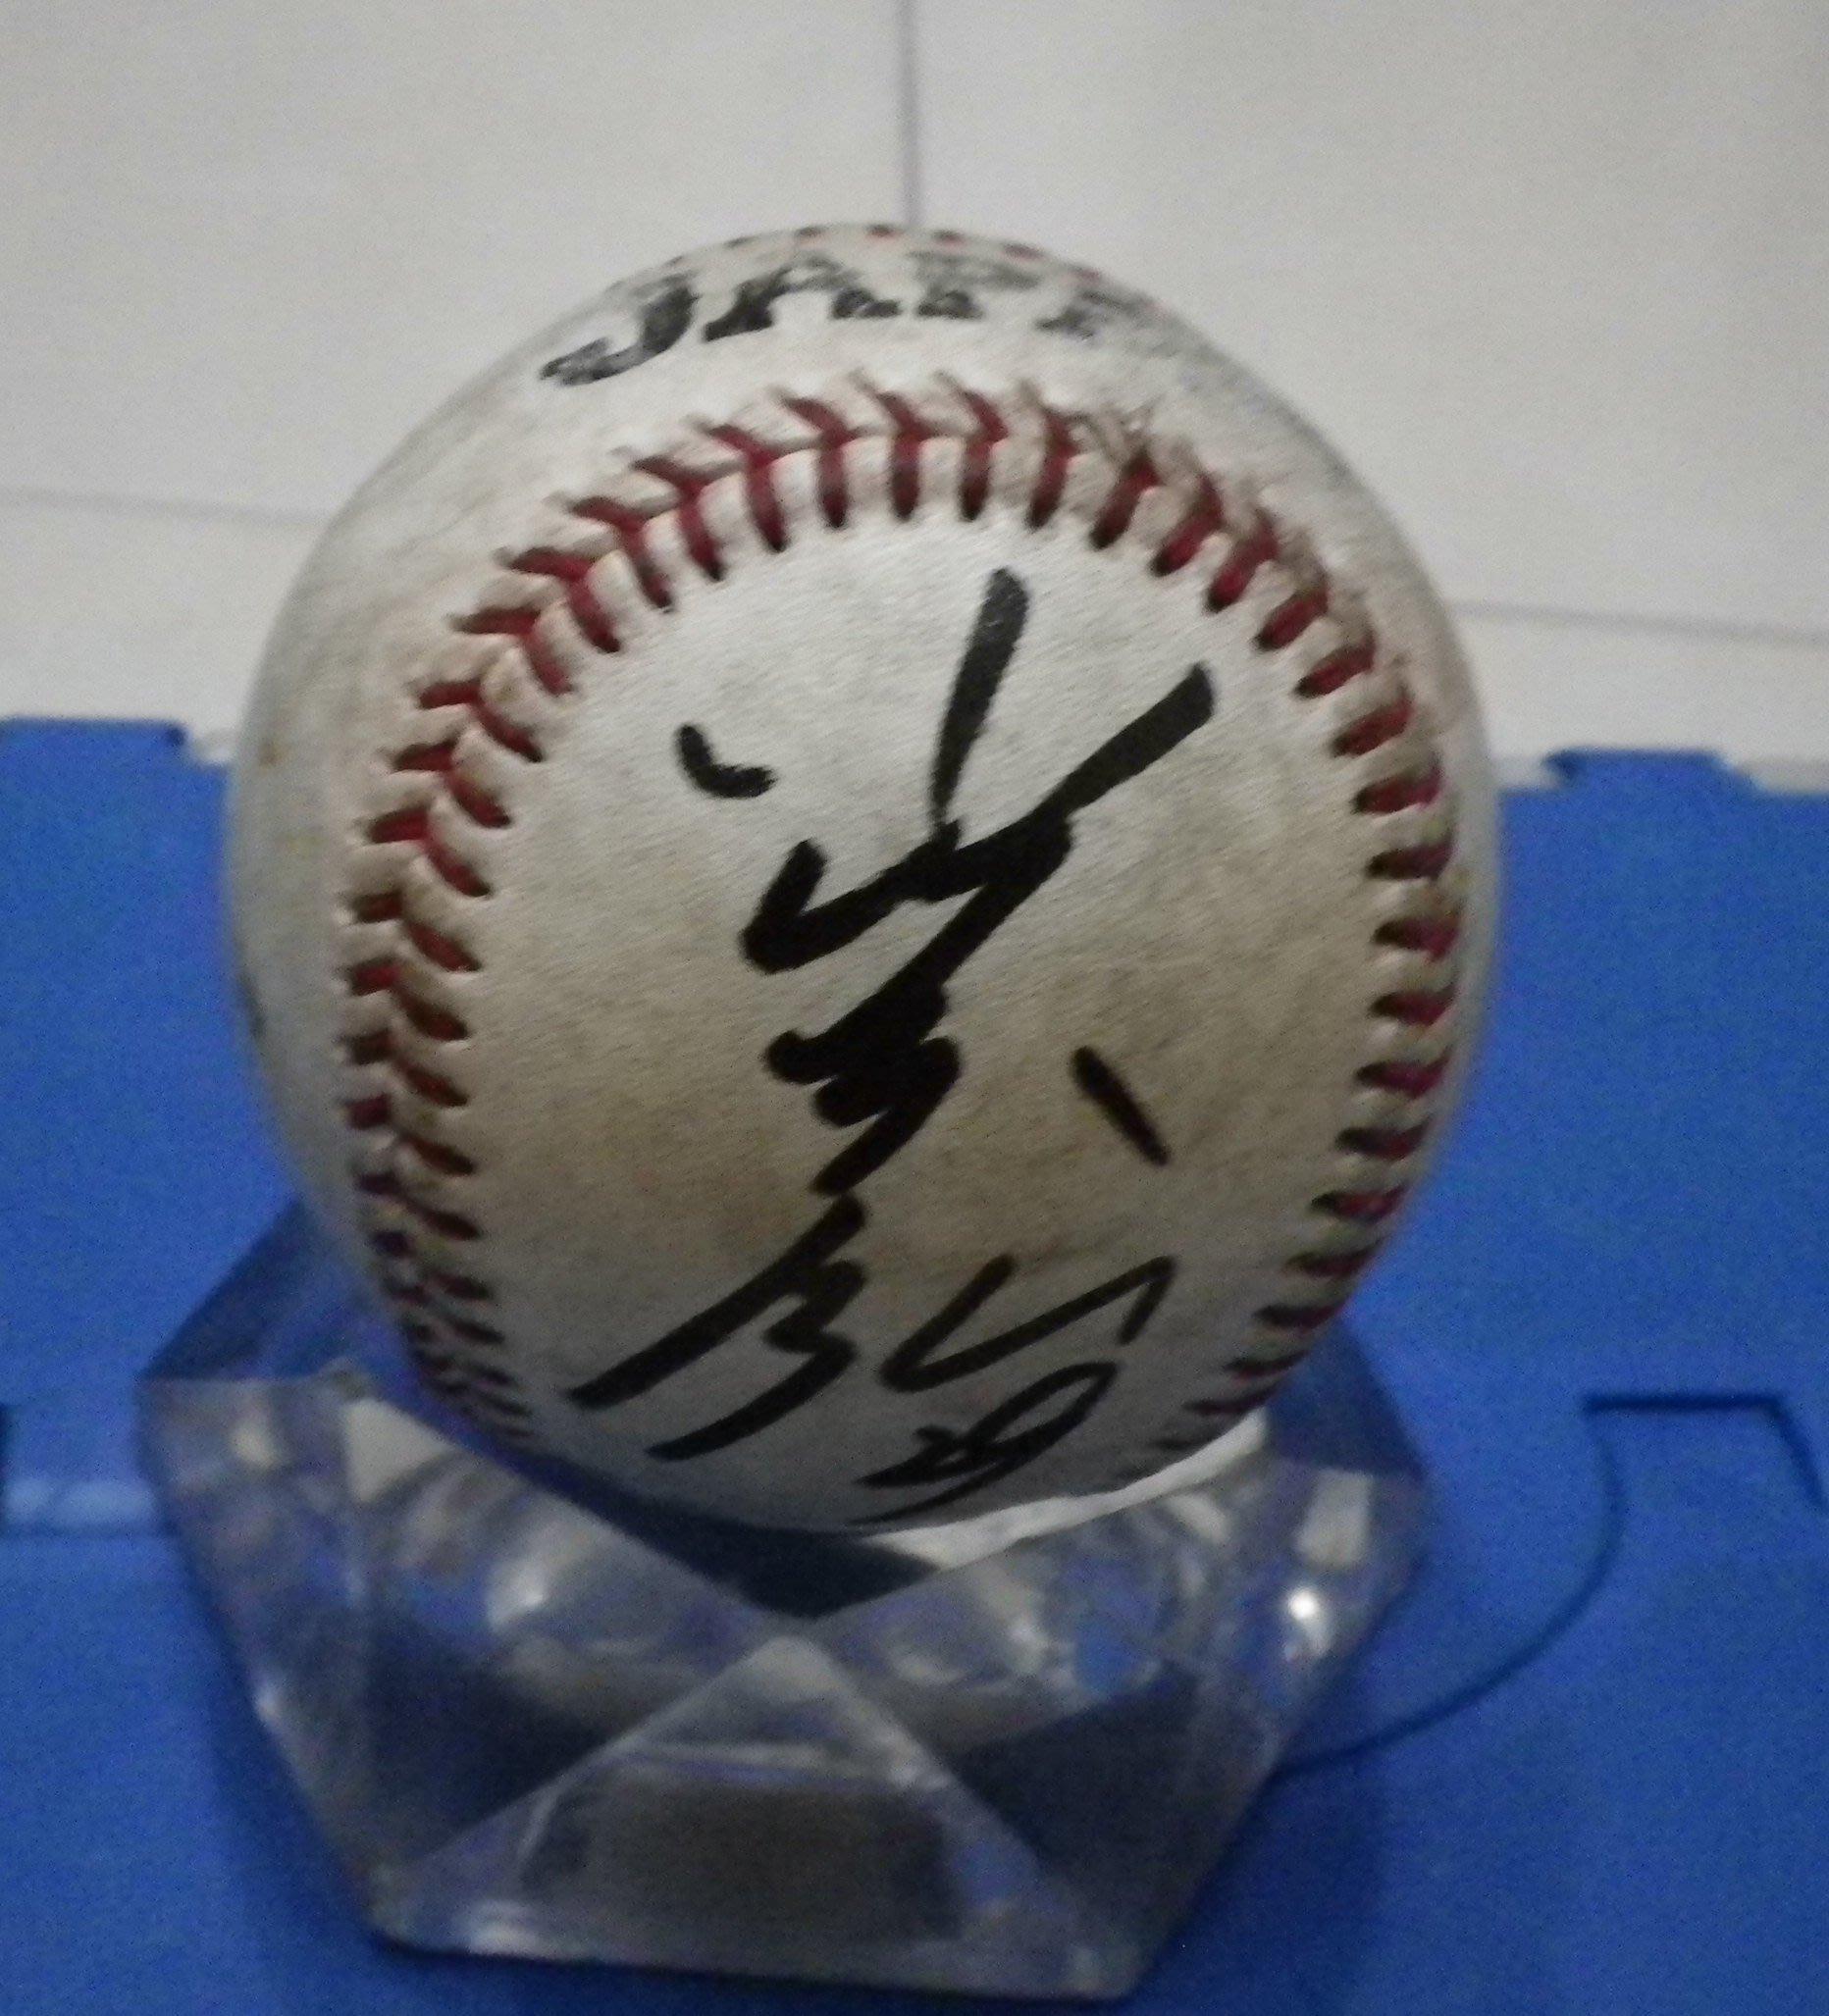 棒球天地--5折賠錢出--世界12強 小川泰宏 簽名最新版日本國家隊練習球.空運來台